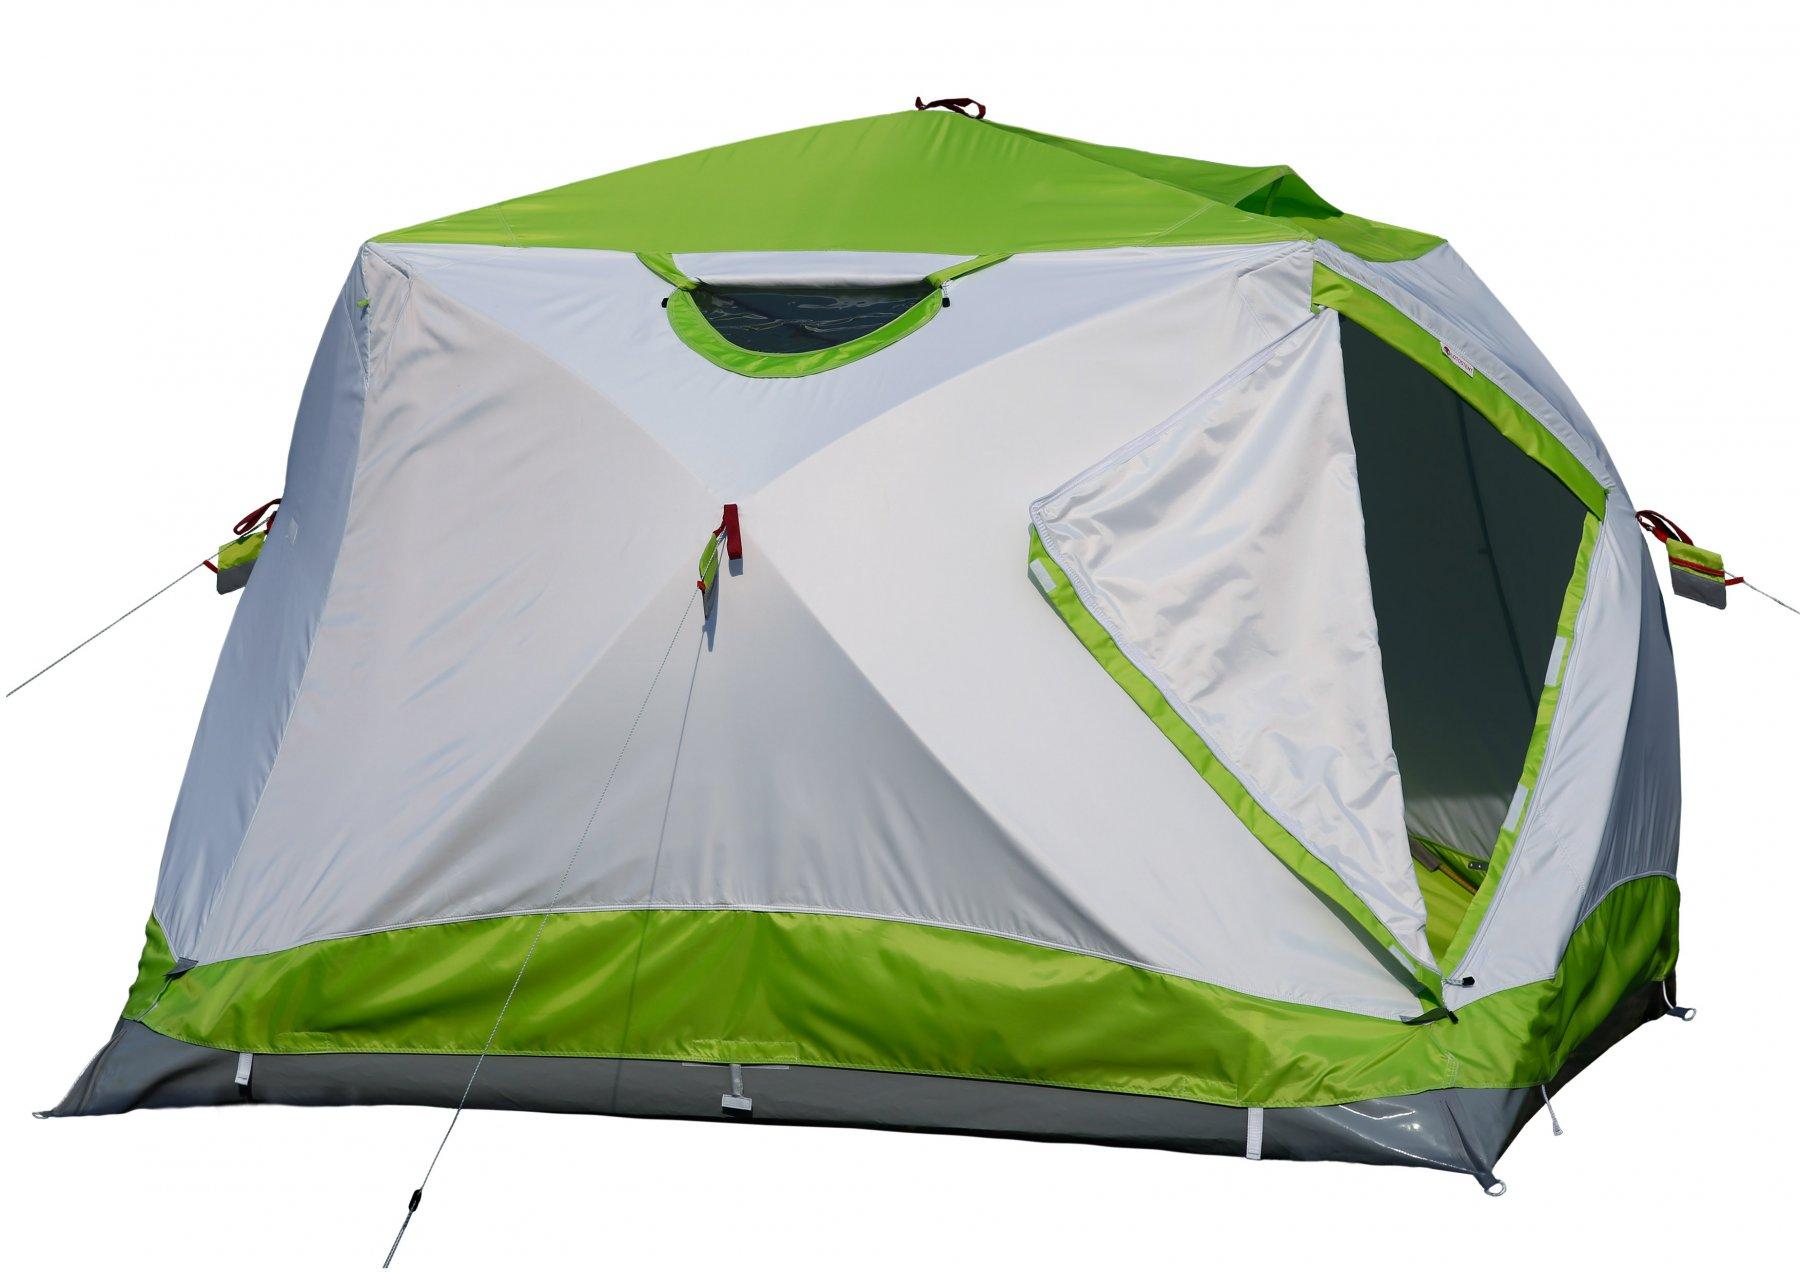 Утепленная трехслойная палатка ЛОТОС Куб 4 Компакт Термо (лонг) с системой компактного сложения и системой гидродна